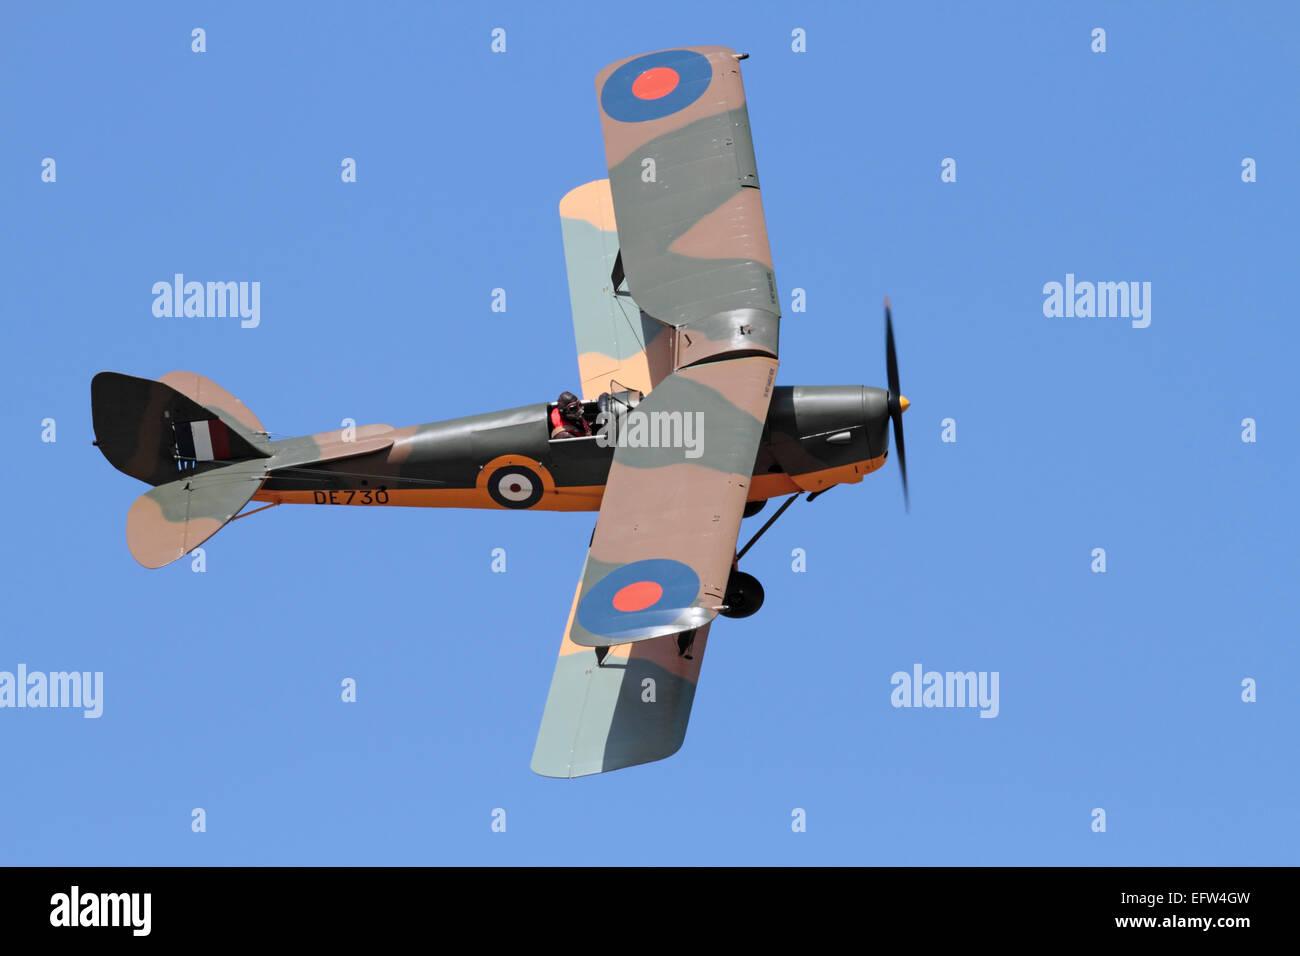 De Havilland Tiger Moth vintage velivolo biplano con i colori di un Royal Air Force II guerra mondiale il piano Immagini Stock